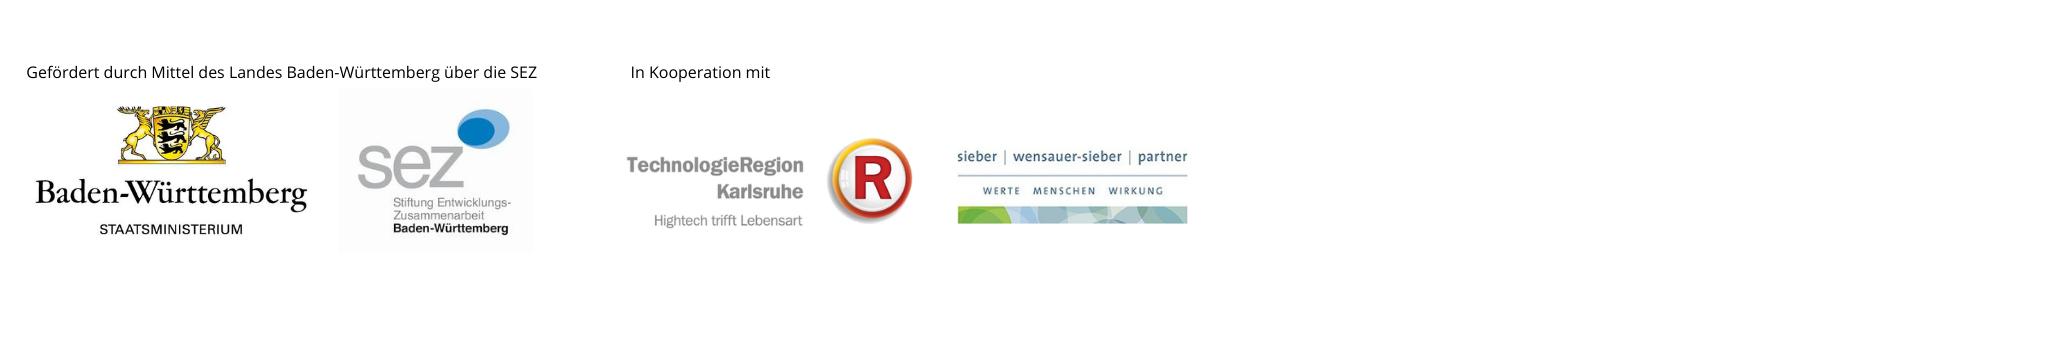 Logoleiste Digital Hub 1